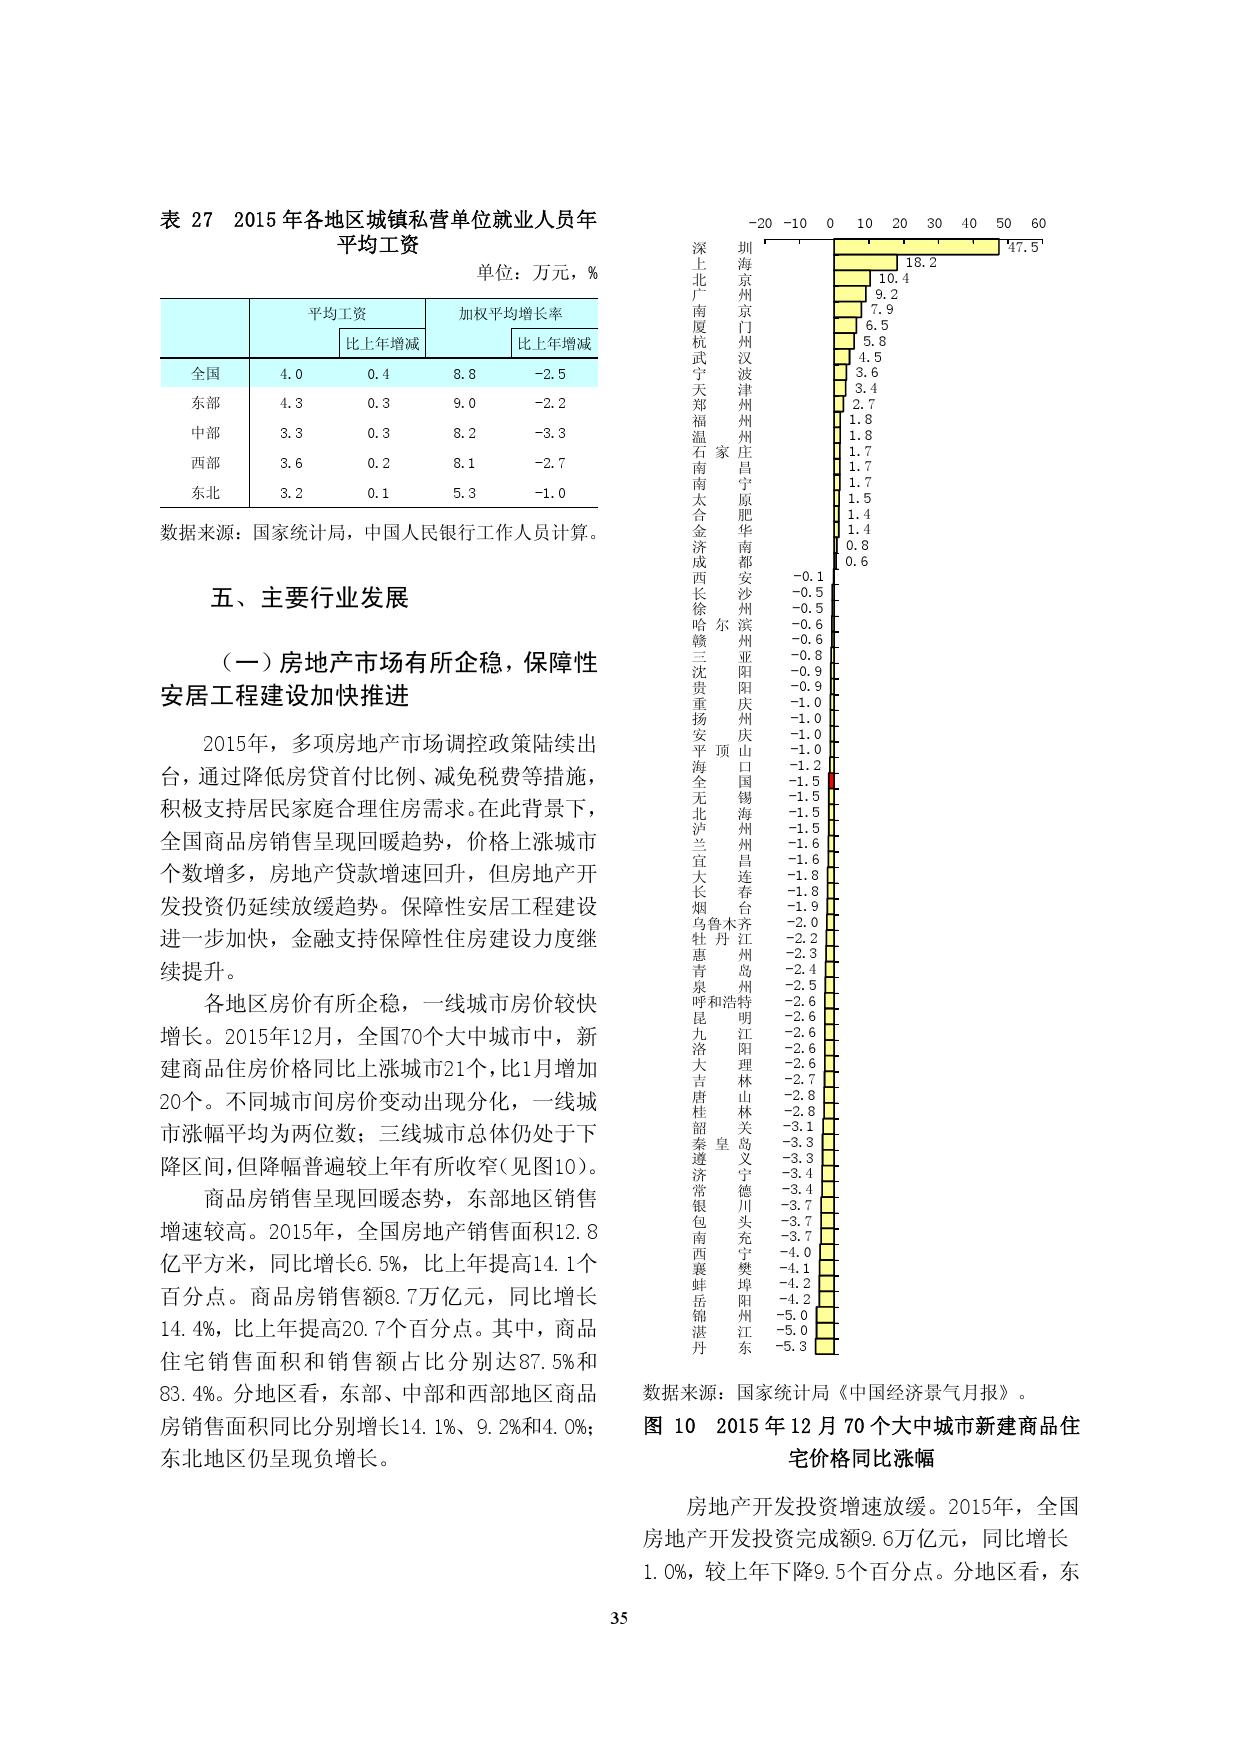 2015年中国区域金融运行报告_000038